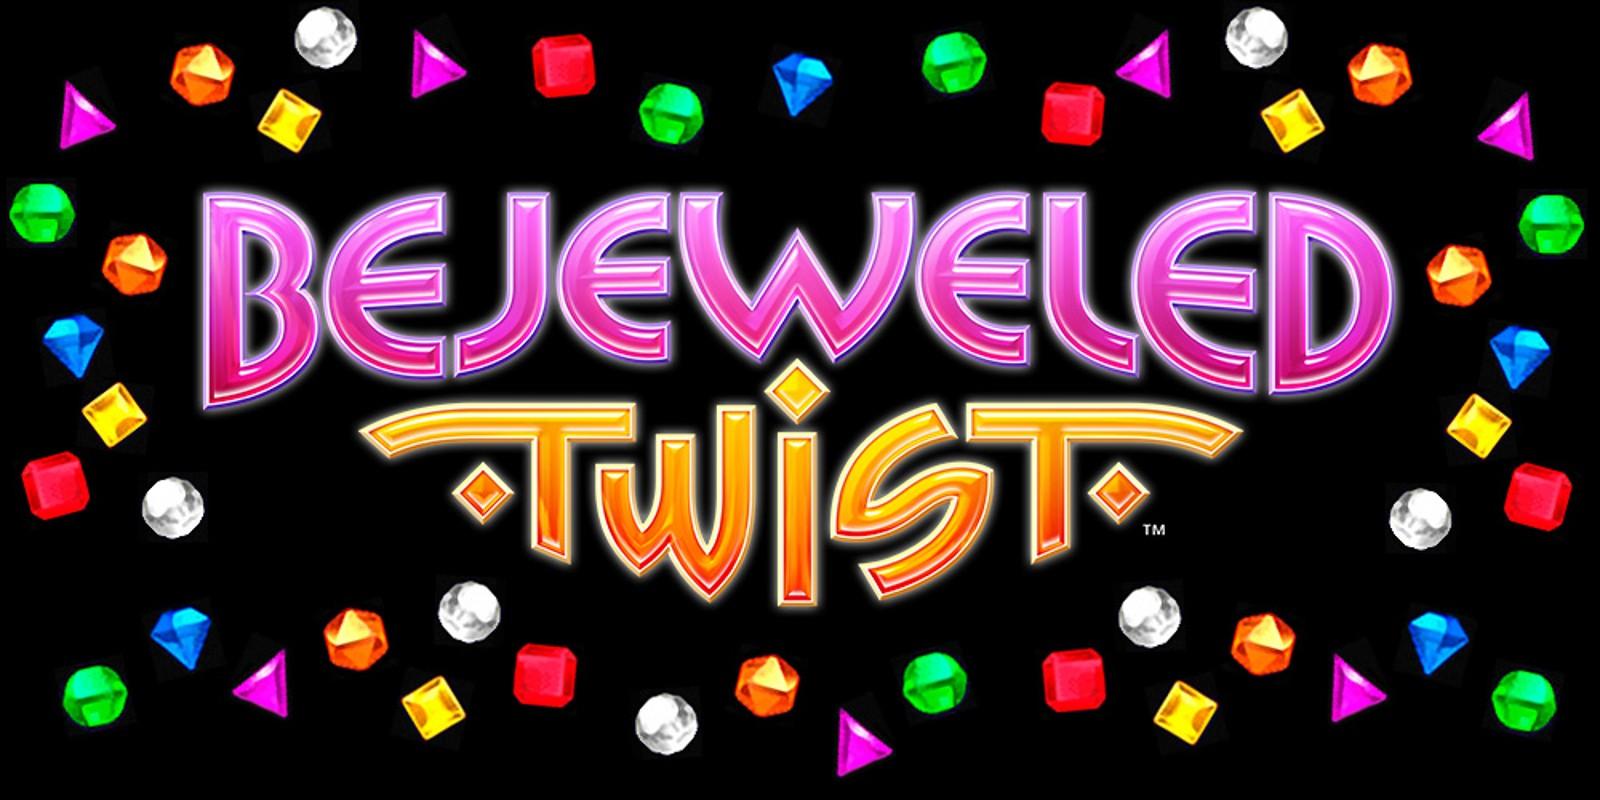 bejeweled twist u2122